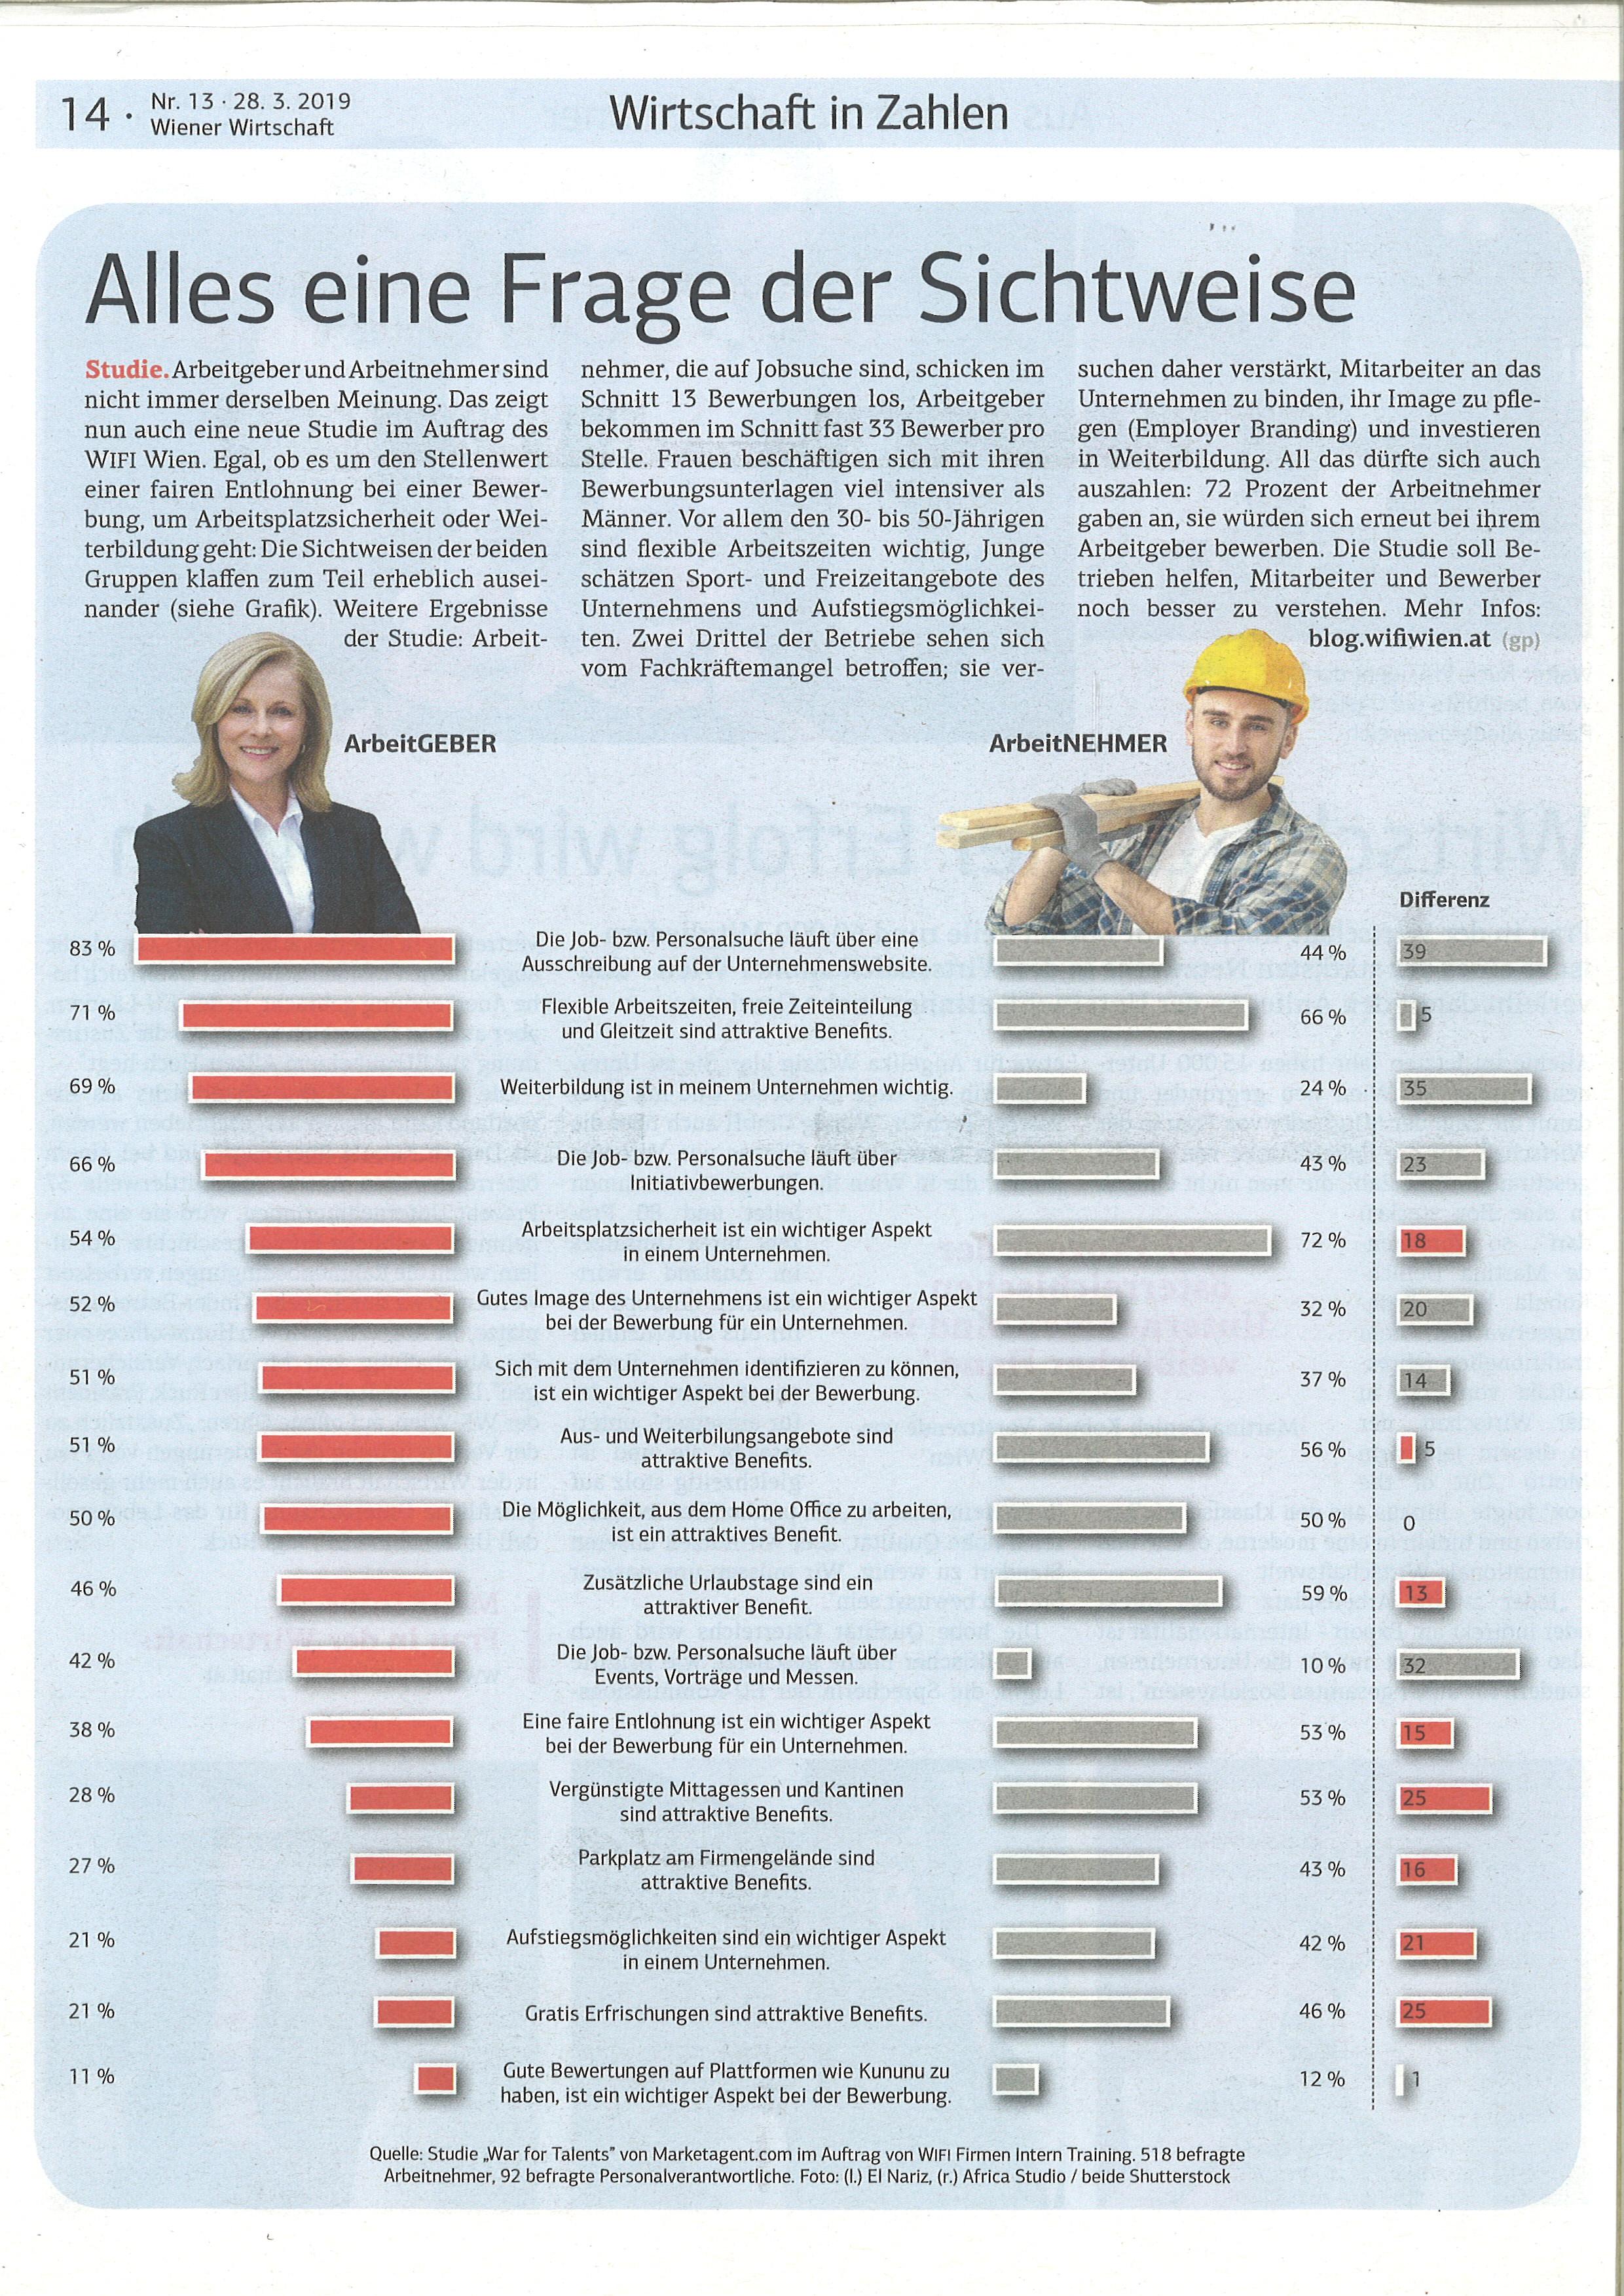 Unterschiedliche Sichtweisen auf Aspekte der Jobattraktivität